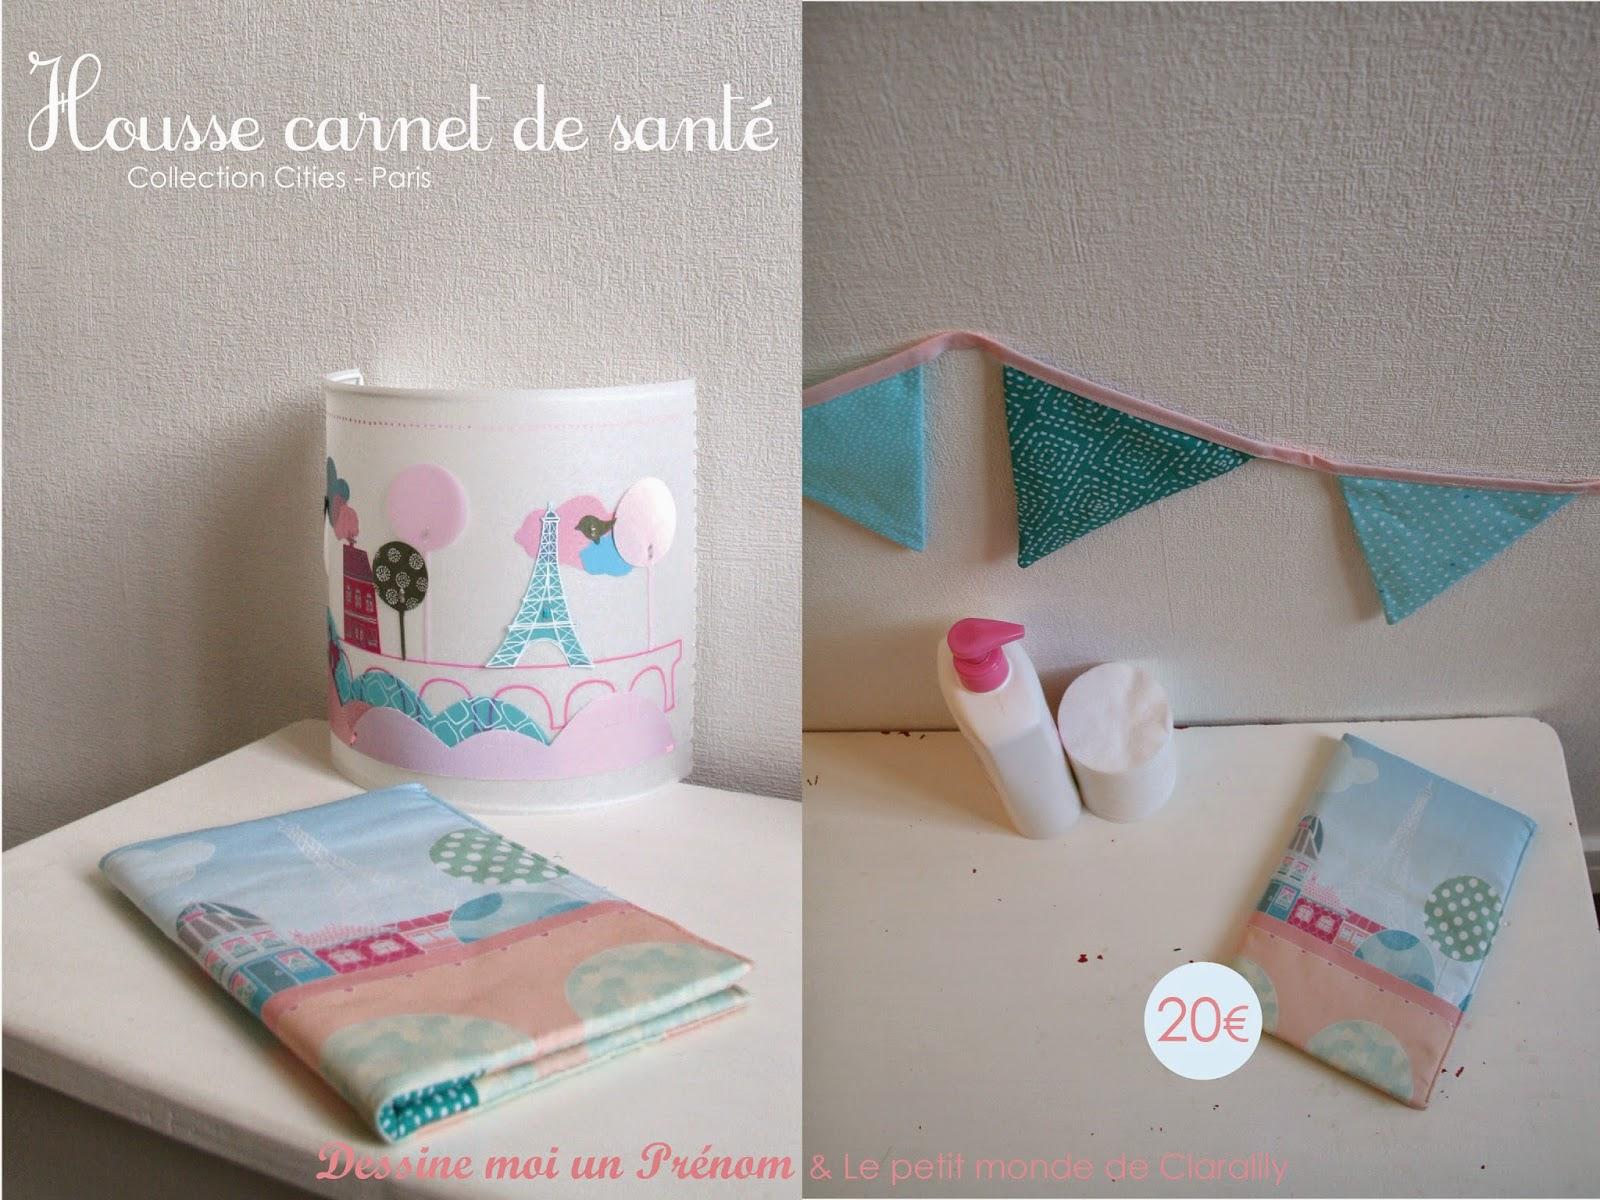 http://www.alittlemarket.com/puericulture/fr_housse_pour_carnet_de_sante_turquoise_collection_cities_paris_-12067229.html